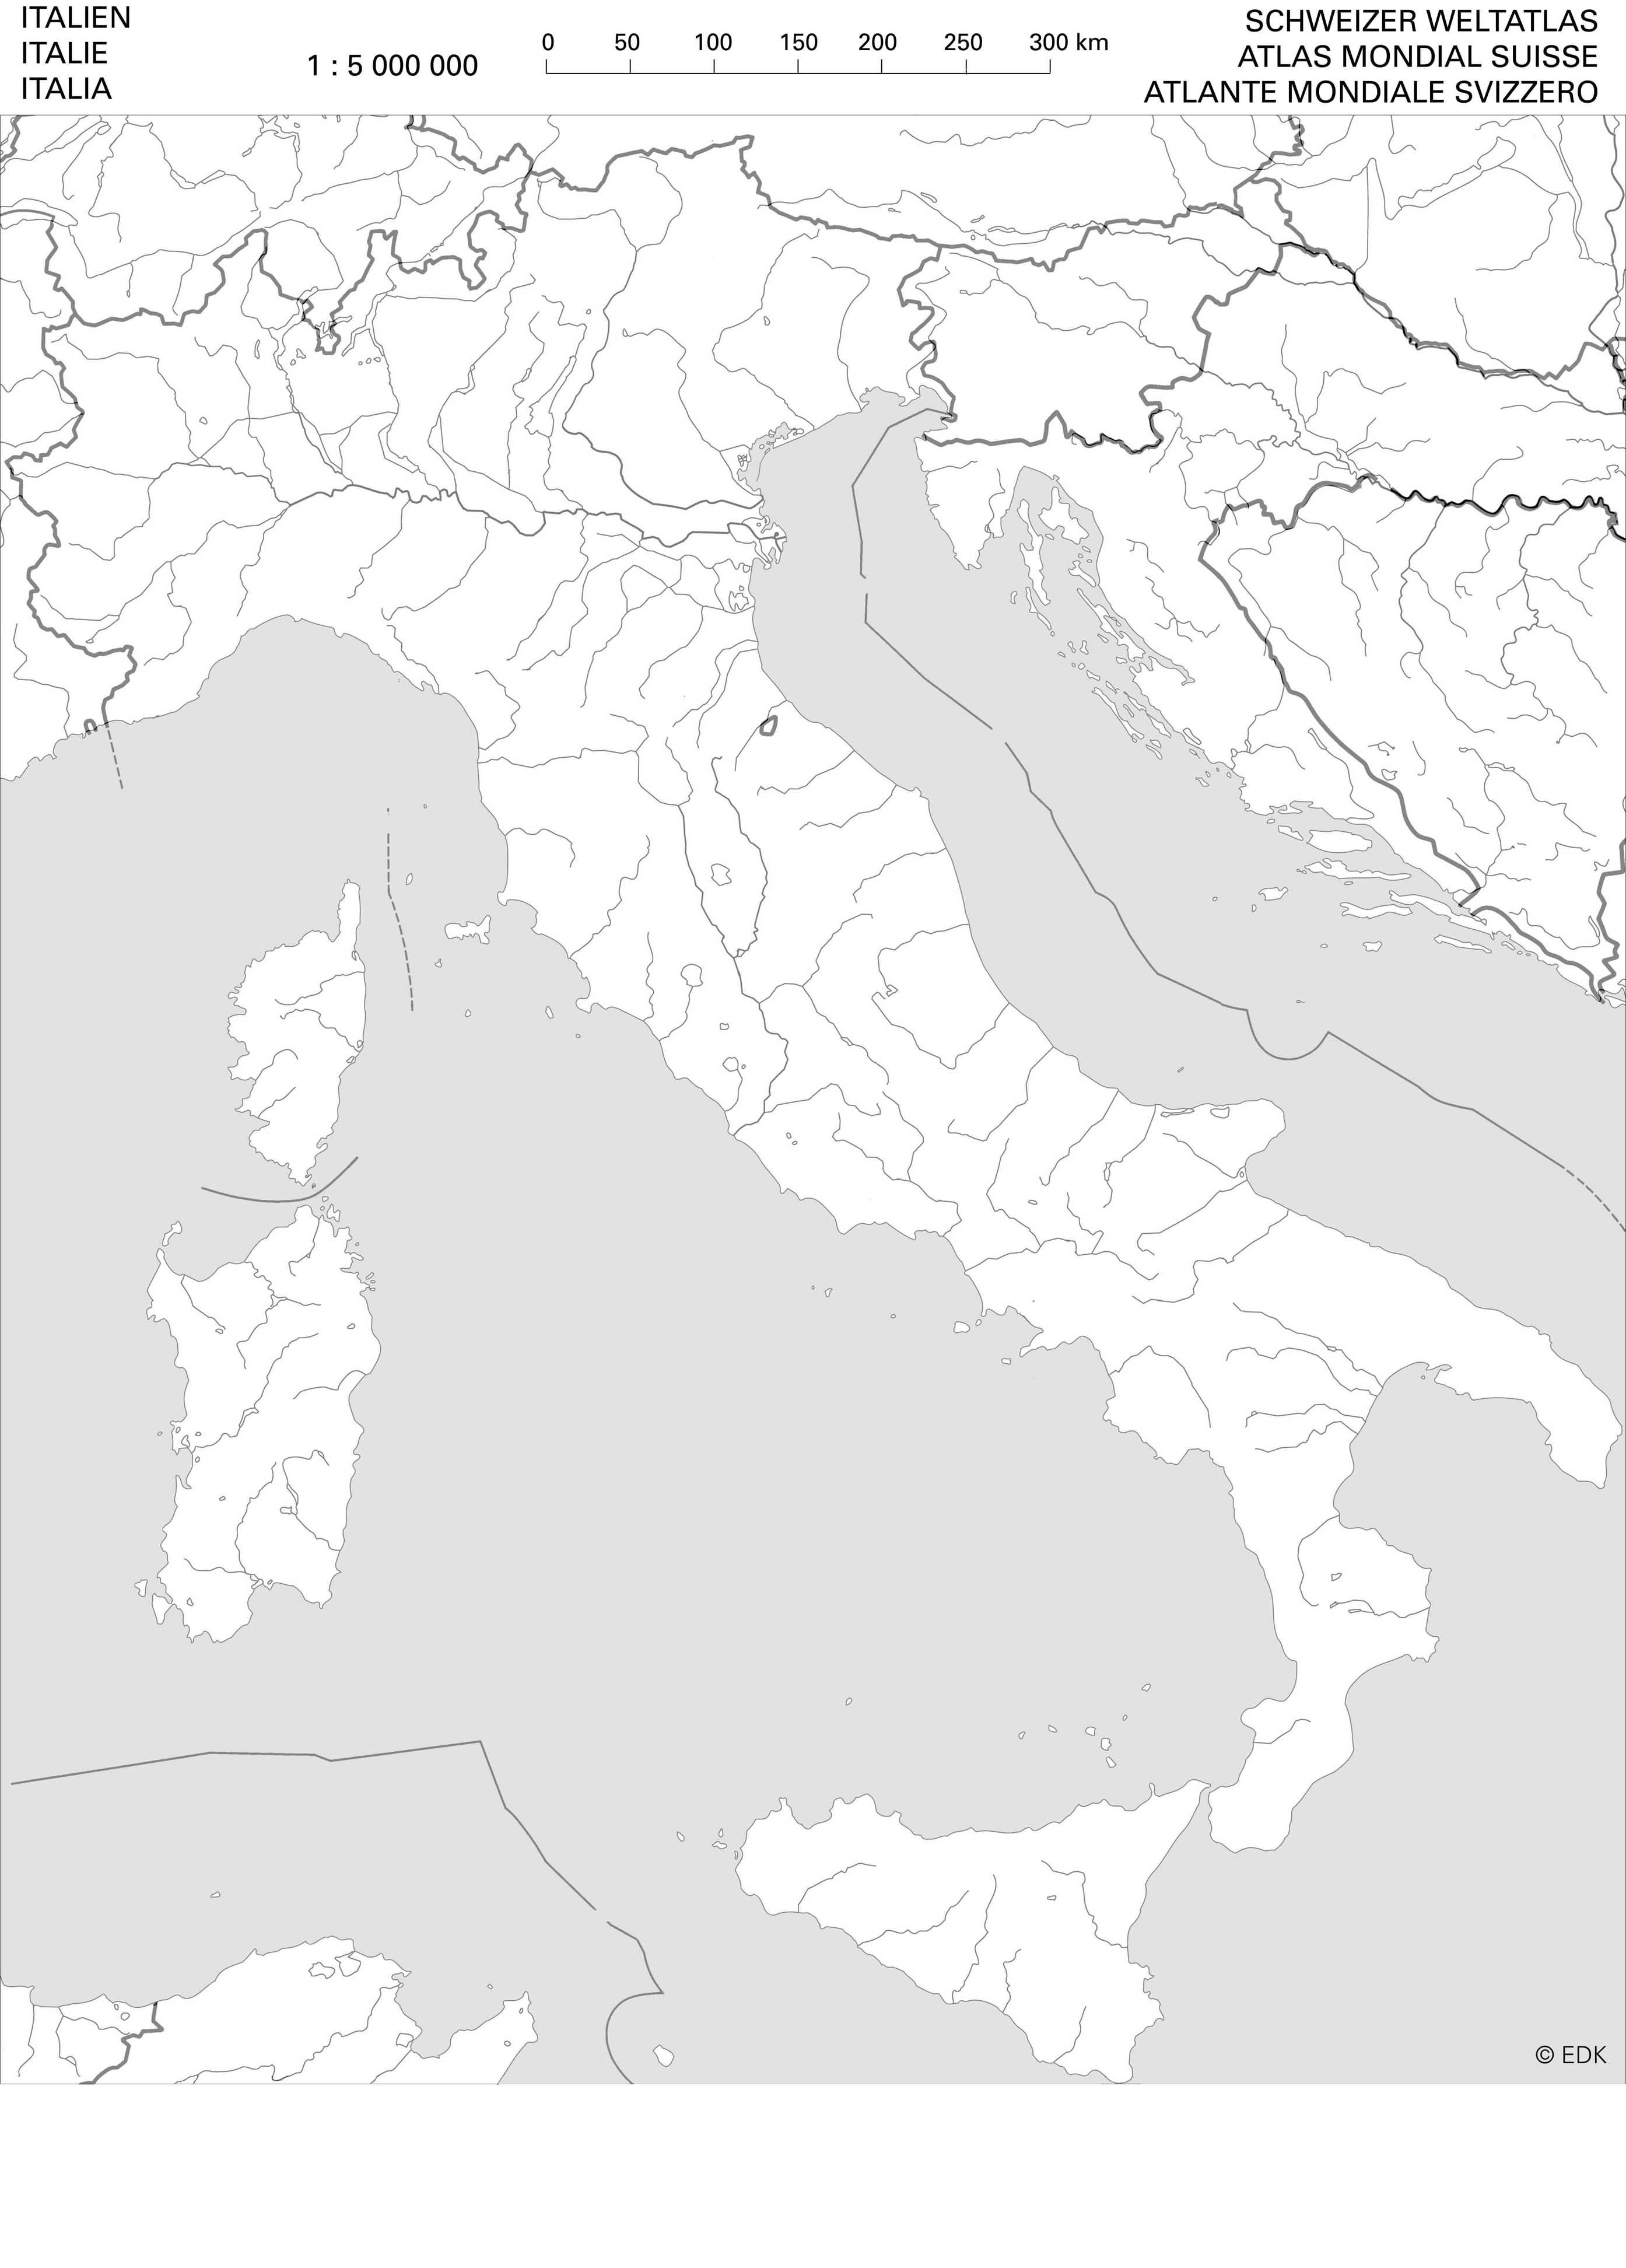 Stumme Karte.Swisseduc Geographie Atlas Kopiervorlagen